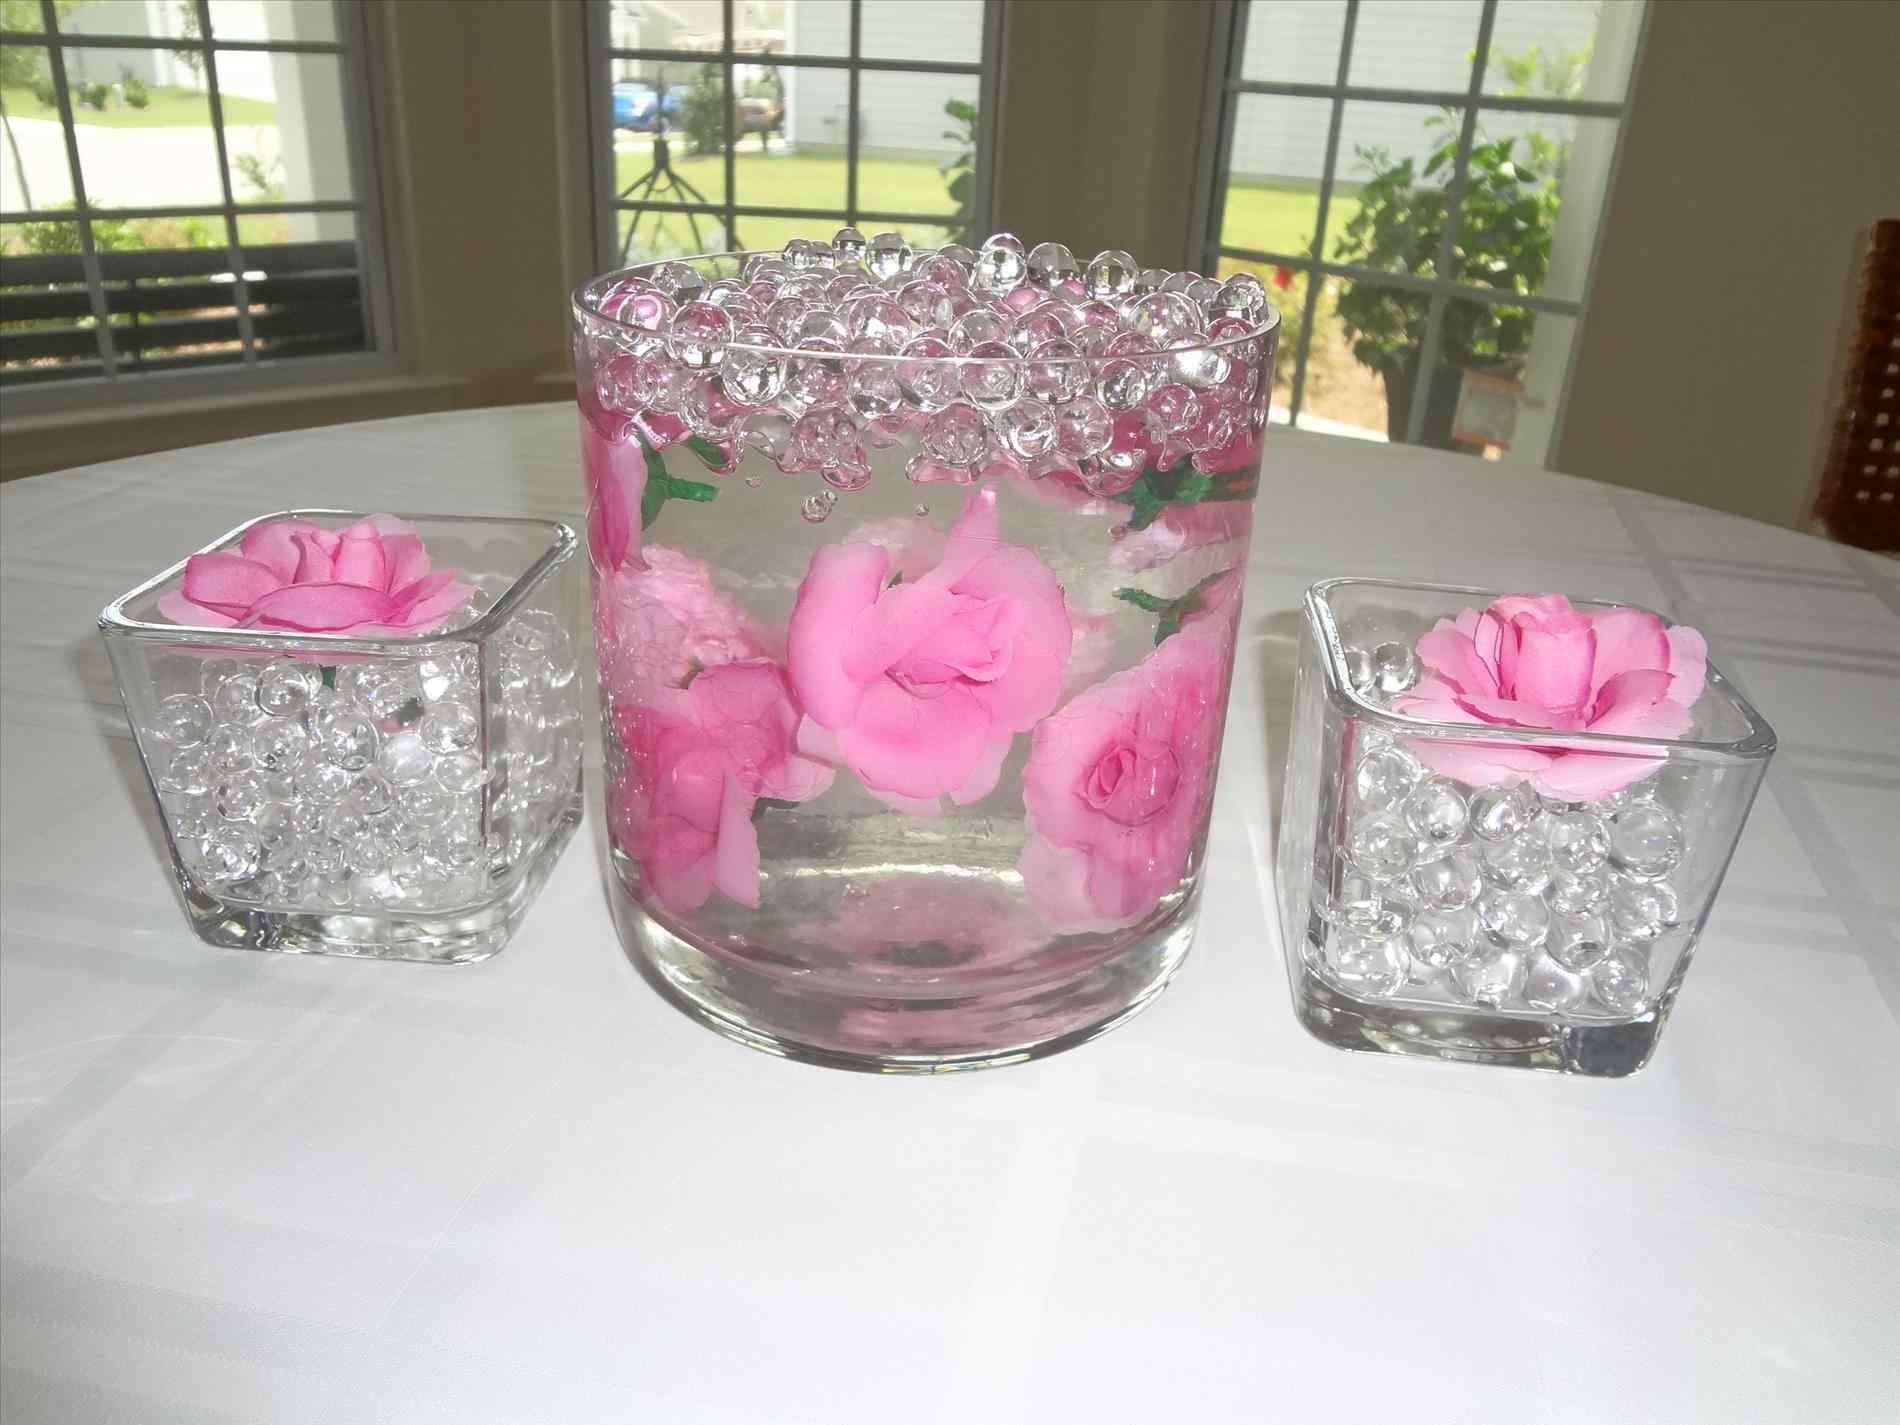 glass vase baby shower centerpieces of baby shower flower vases ideas nemetas aufgegabelt info intended for vase centerpiece ideas for baby shower